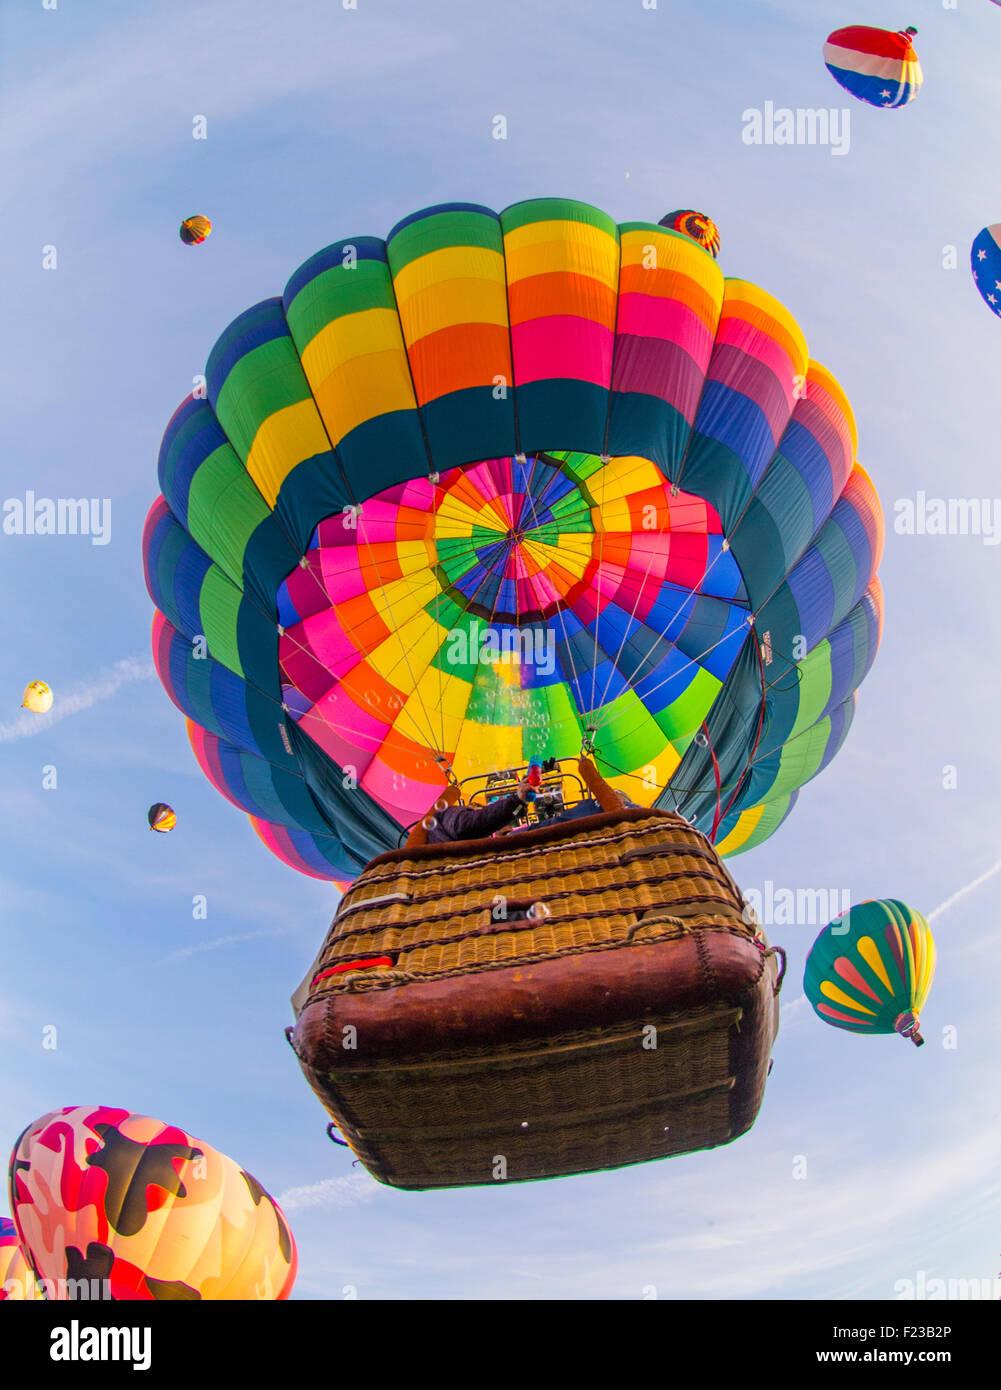 Hot Air Balloons, Albuquerque International Balloon Festival, New Mexico, USA - Stock Image